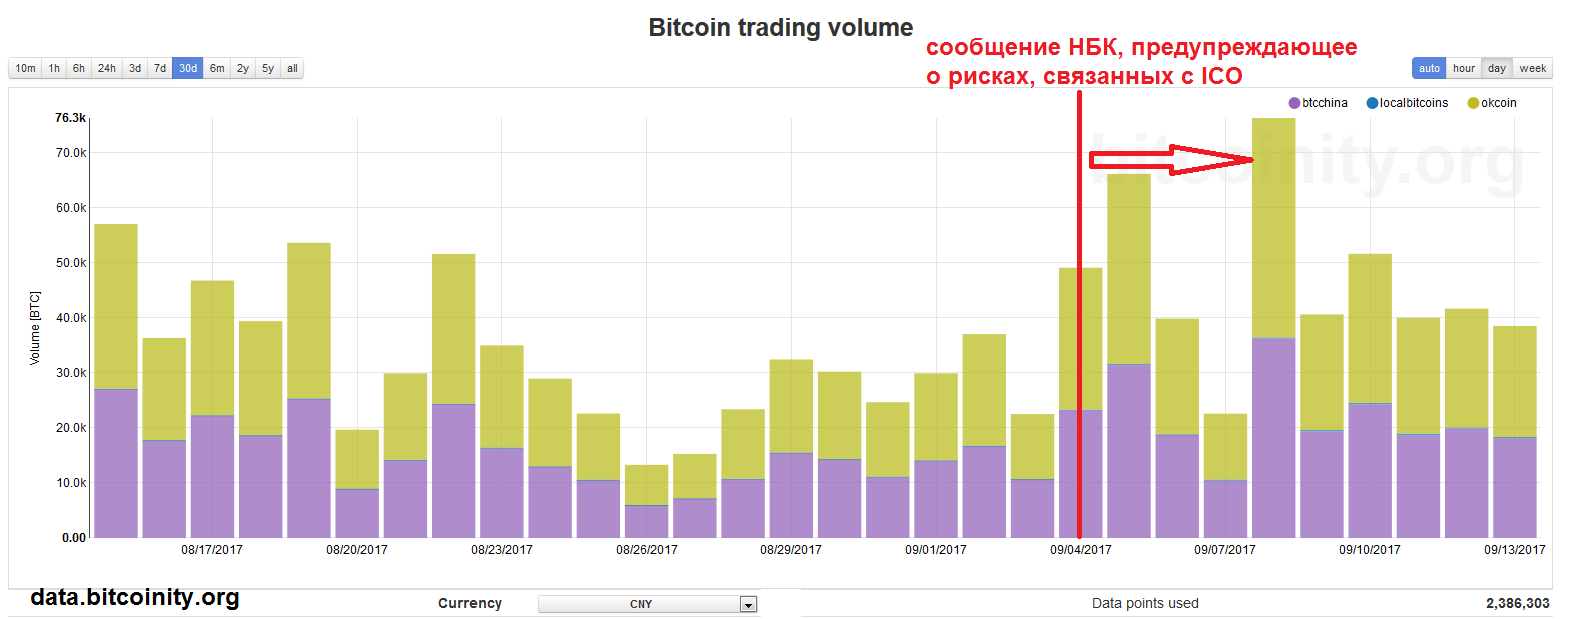 Tорговля биткоинами в Китае остается стабильной